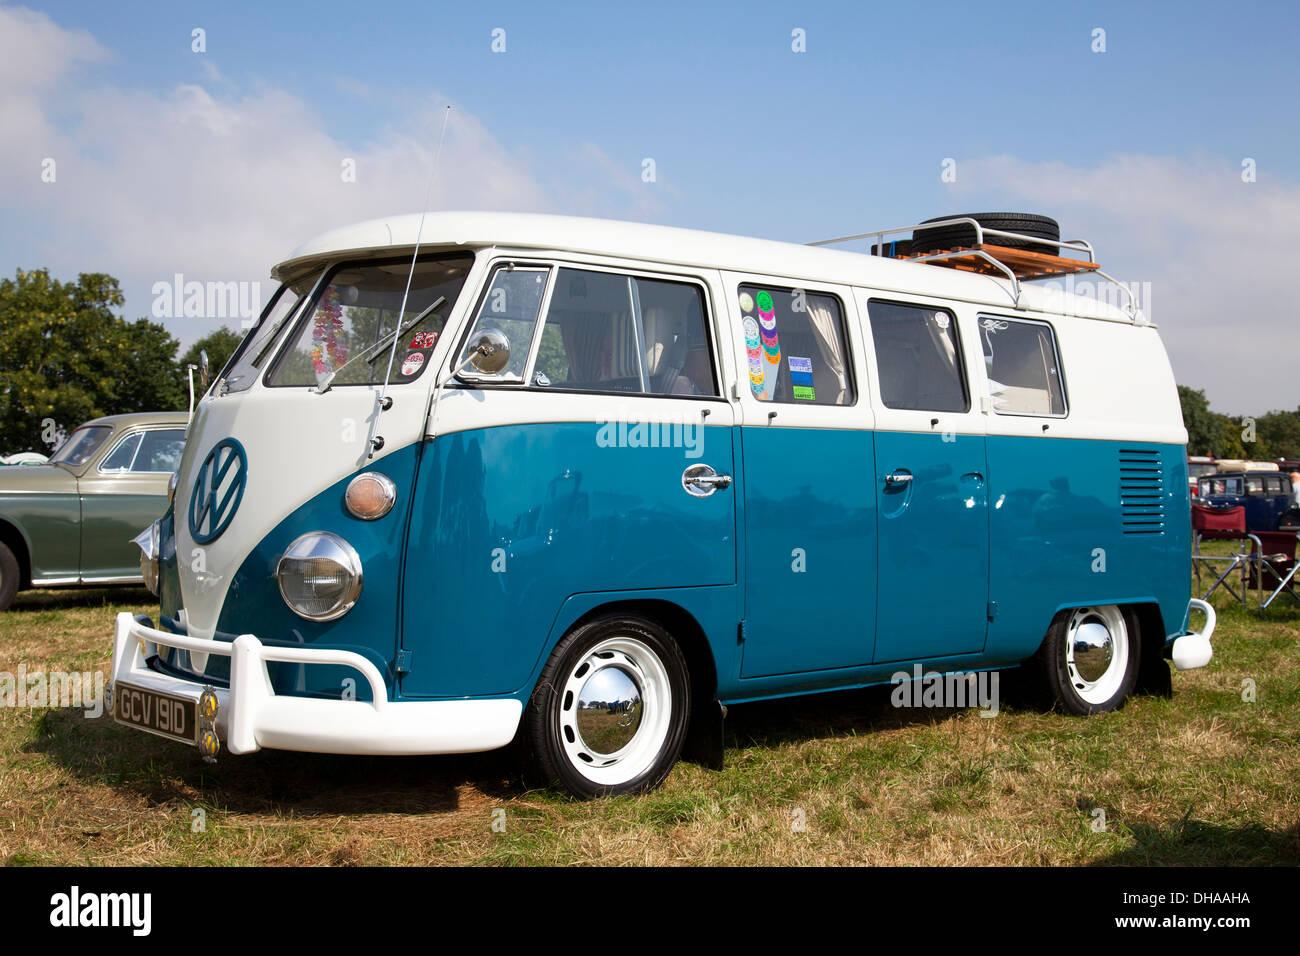 Vintage Camper Van Stock Photos Amp Vintage Camper Van Stock